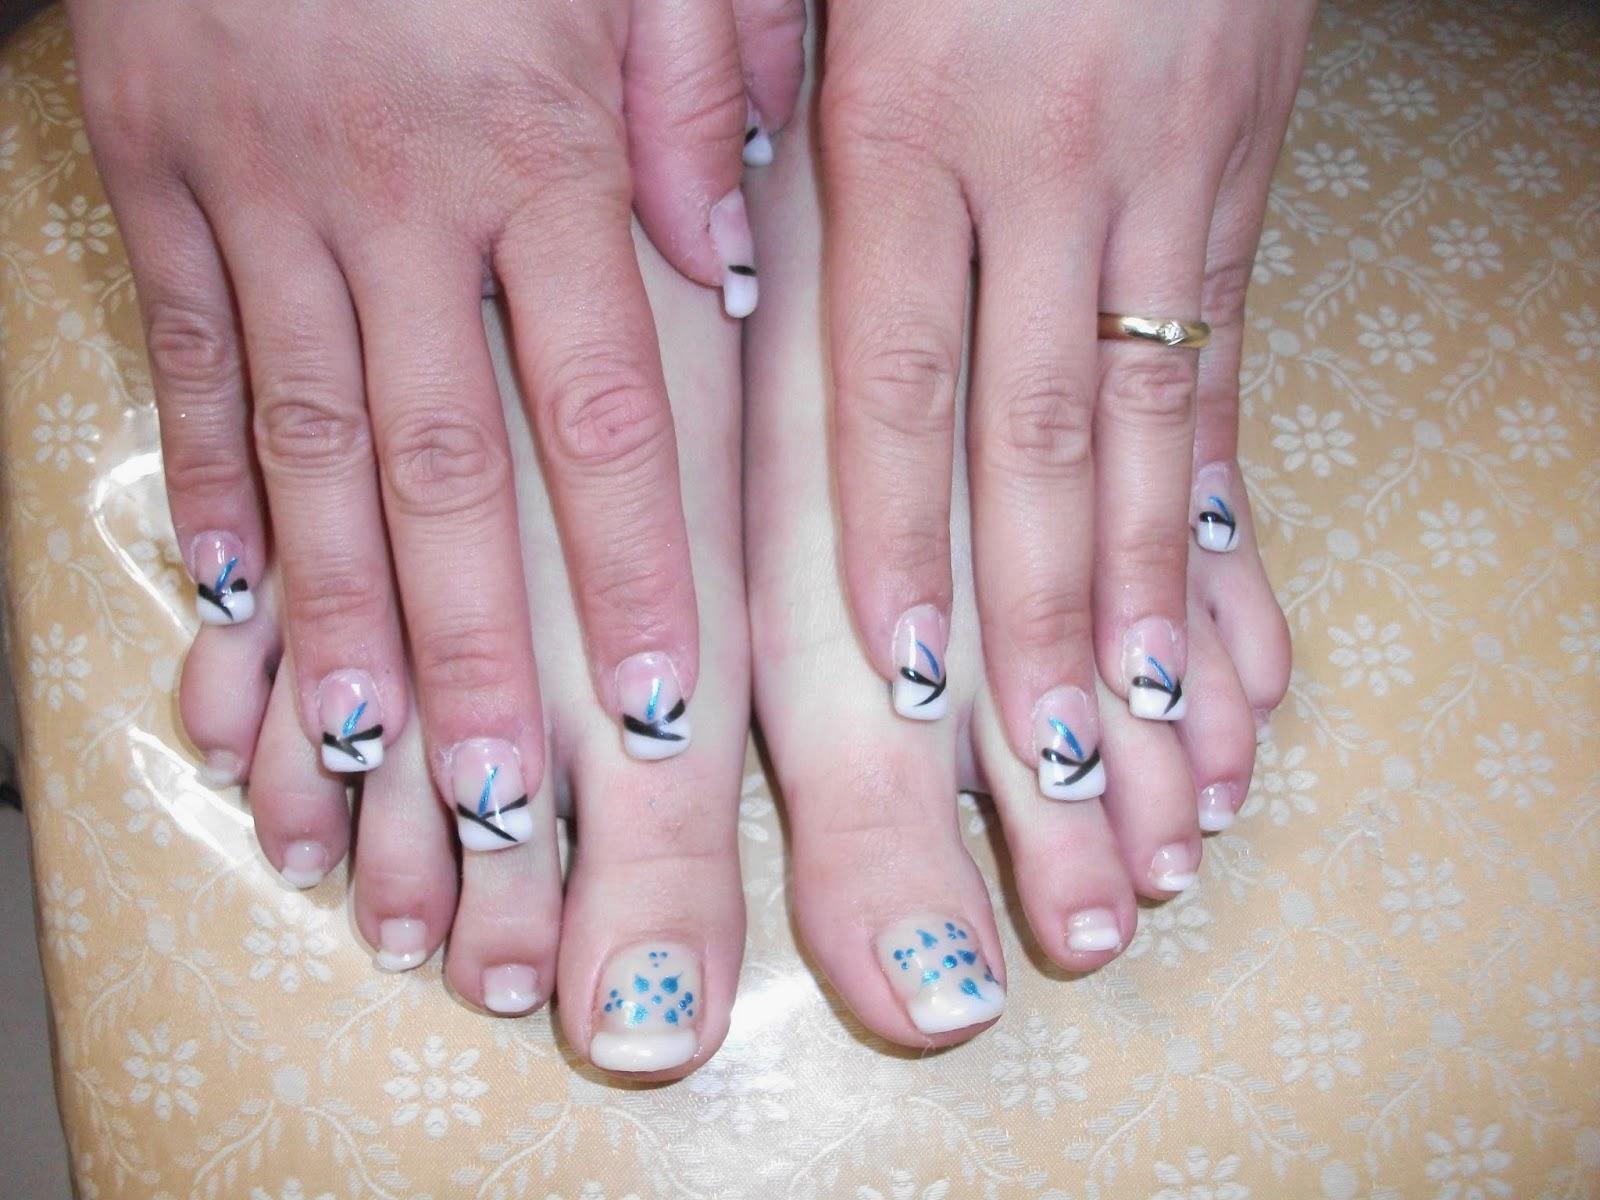 mani ricostruzione in gel polish con french bianco e decorazioni a strisce  a rondine nere e blu. piedi french gel bianco con decorazioni a petali blu.